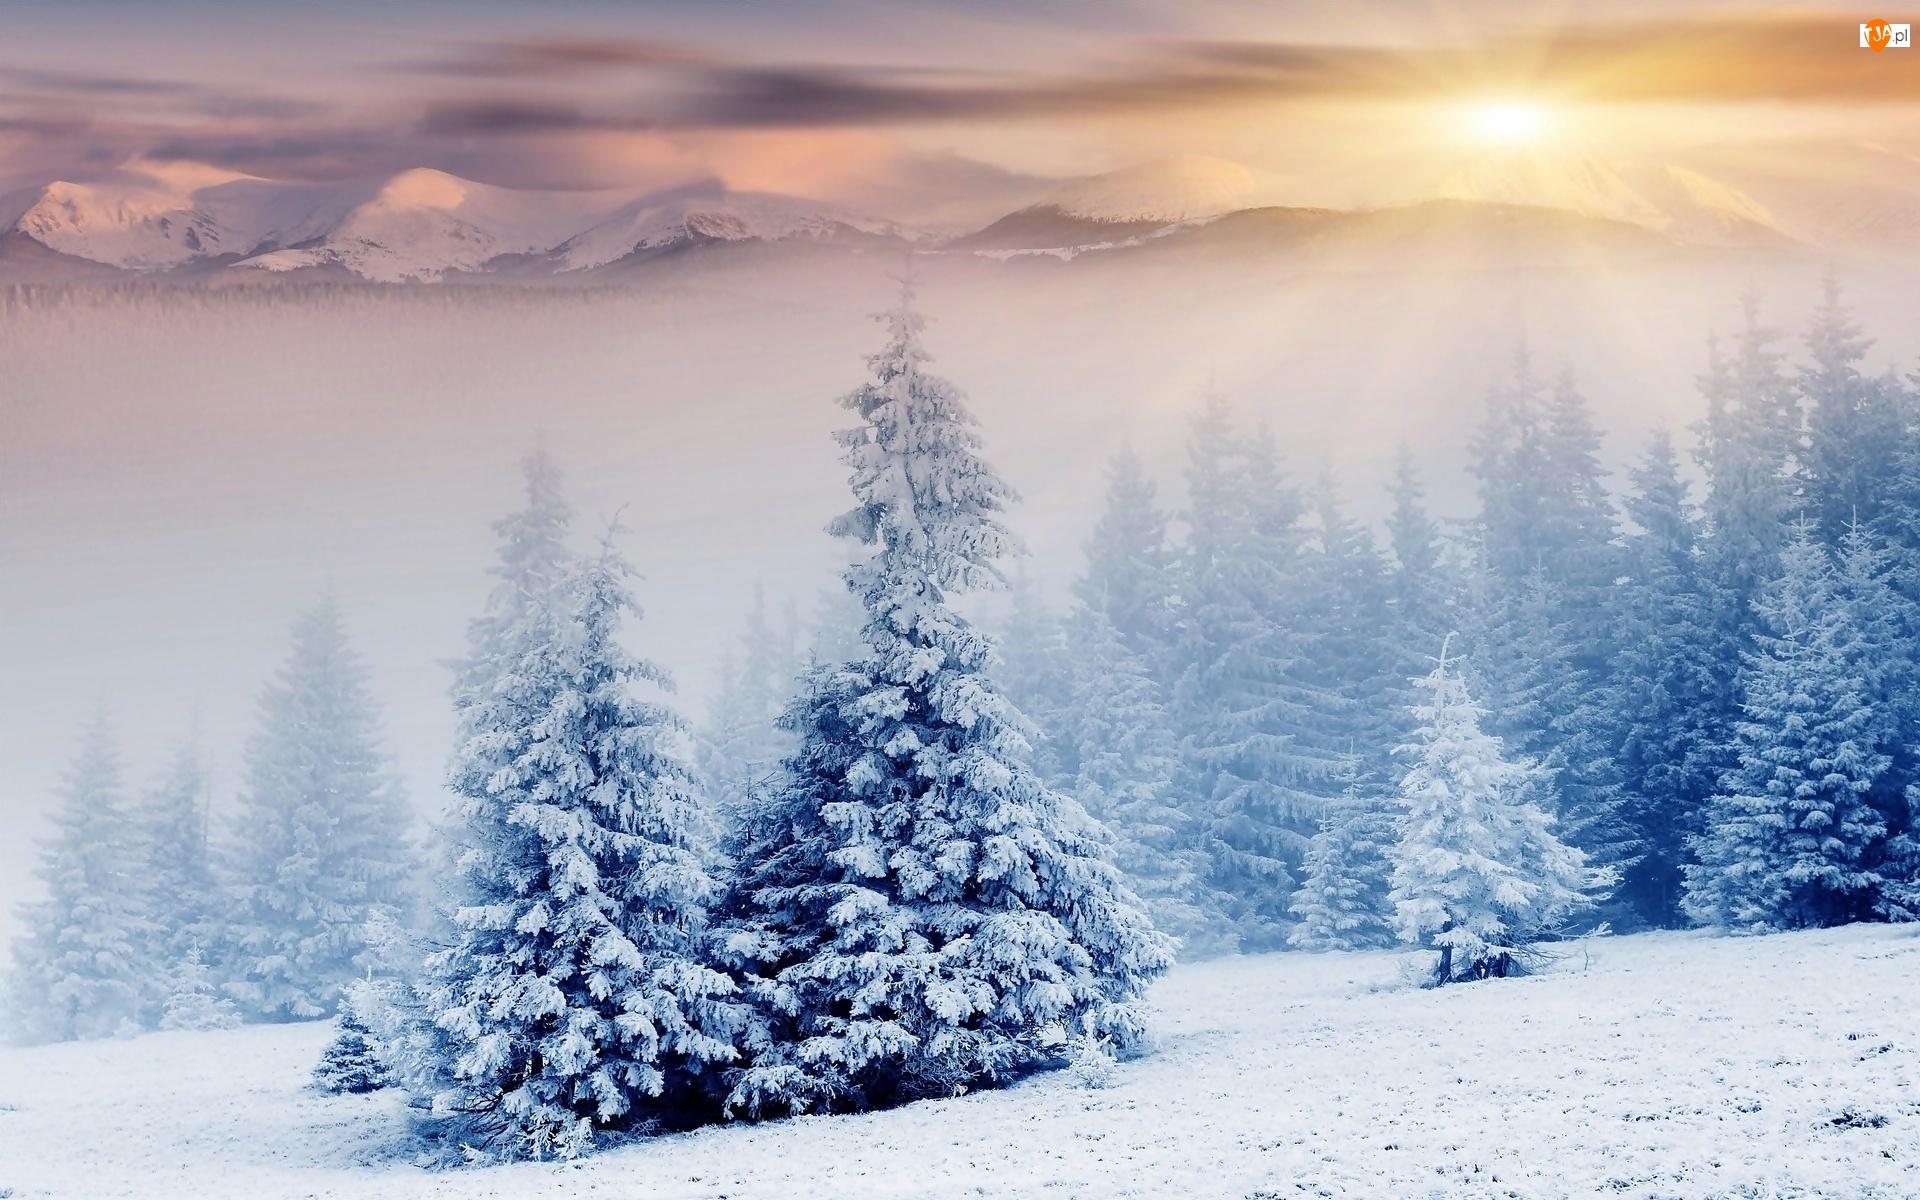 Słońca, Las, Zima, Mgła, Wschód, Góry